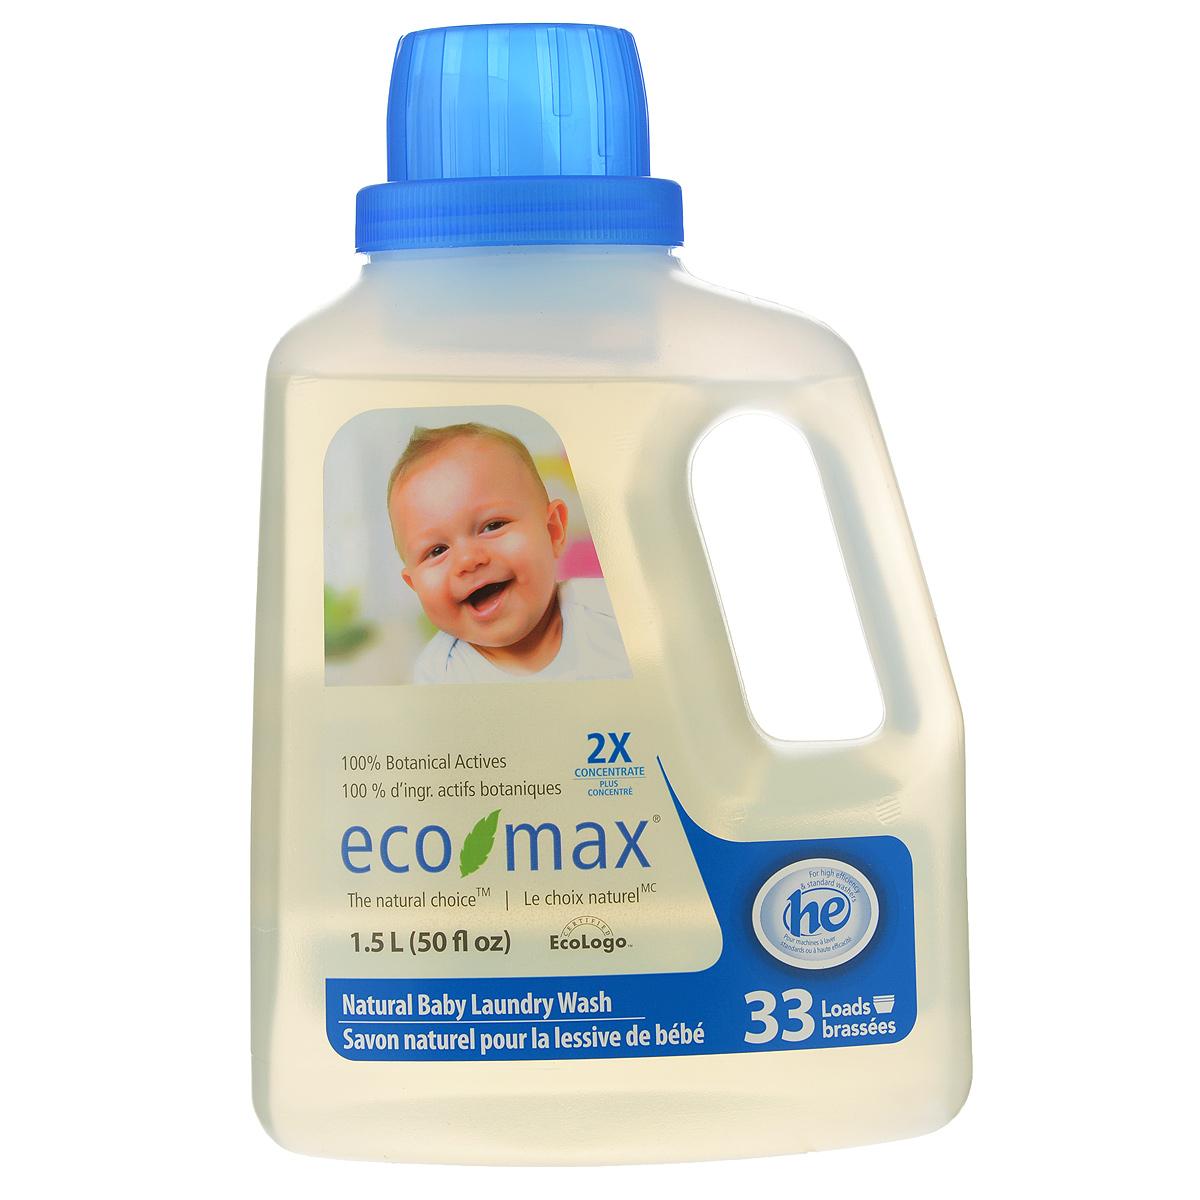 Жидкое средство для стирки детской одежды Eco Max, концентрированное, 1,5 л